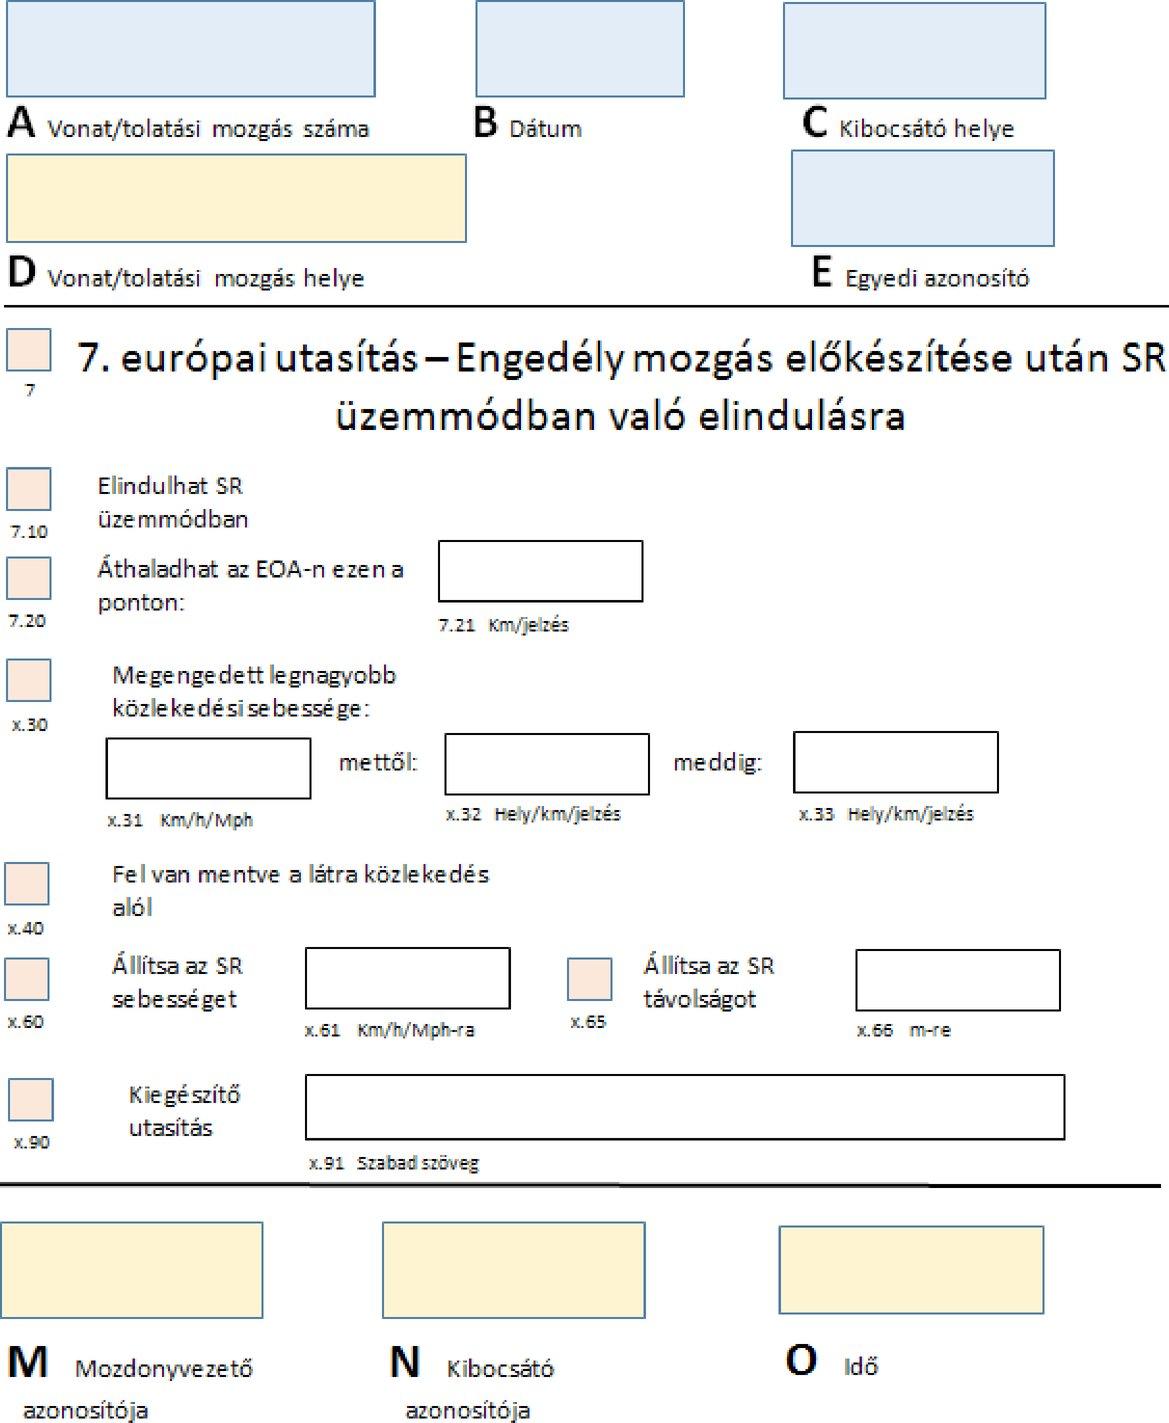 táblázat a látás szorzására)